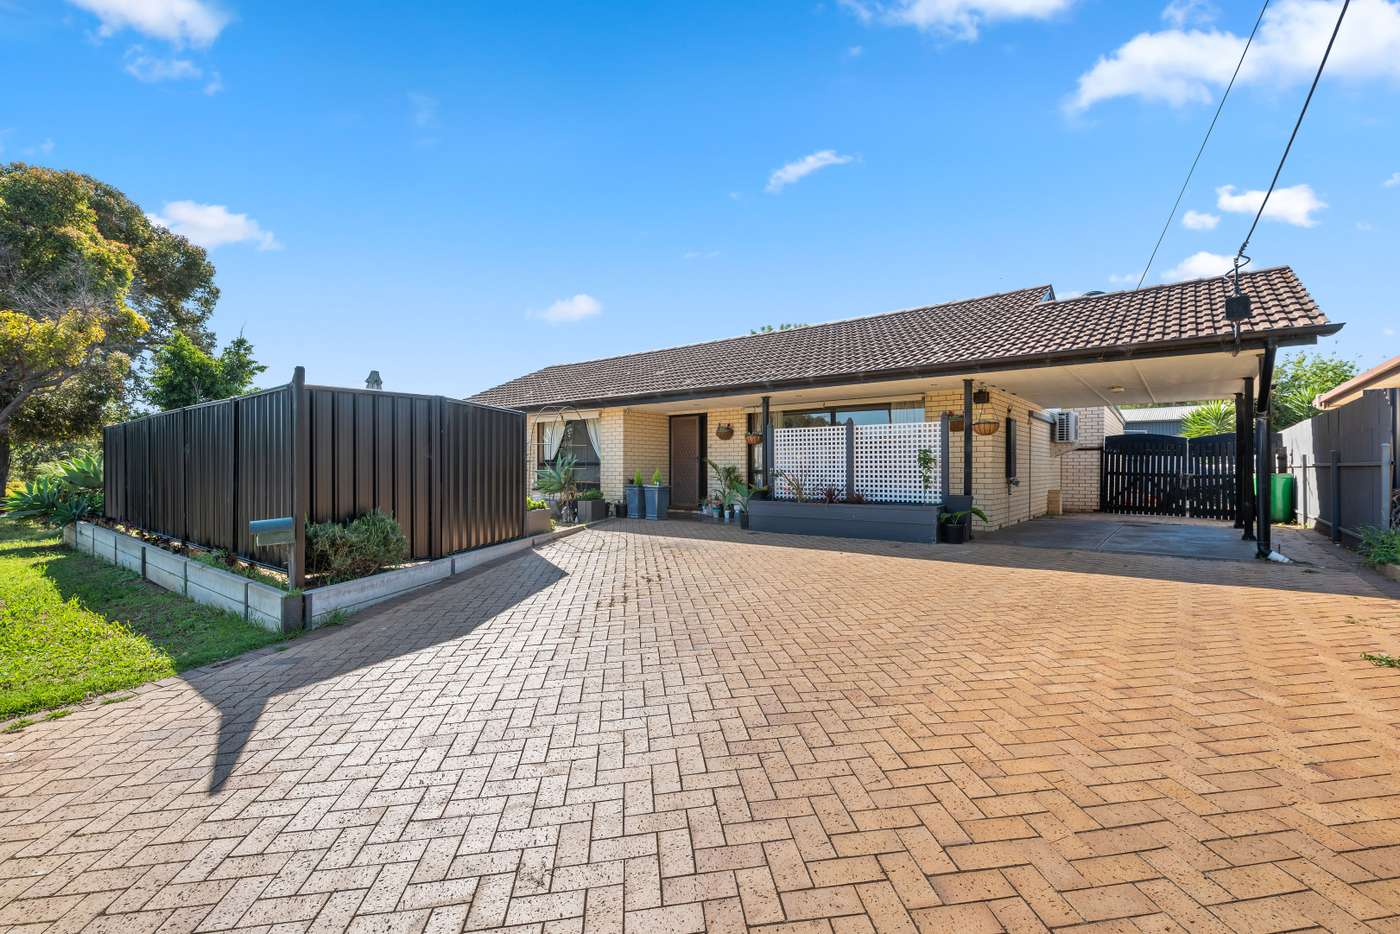 Main view of Homely house listing, 15 Hinkley Road, Morphett Vale SA 5162